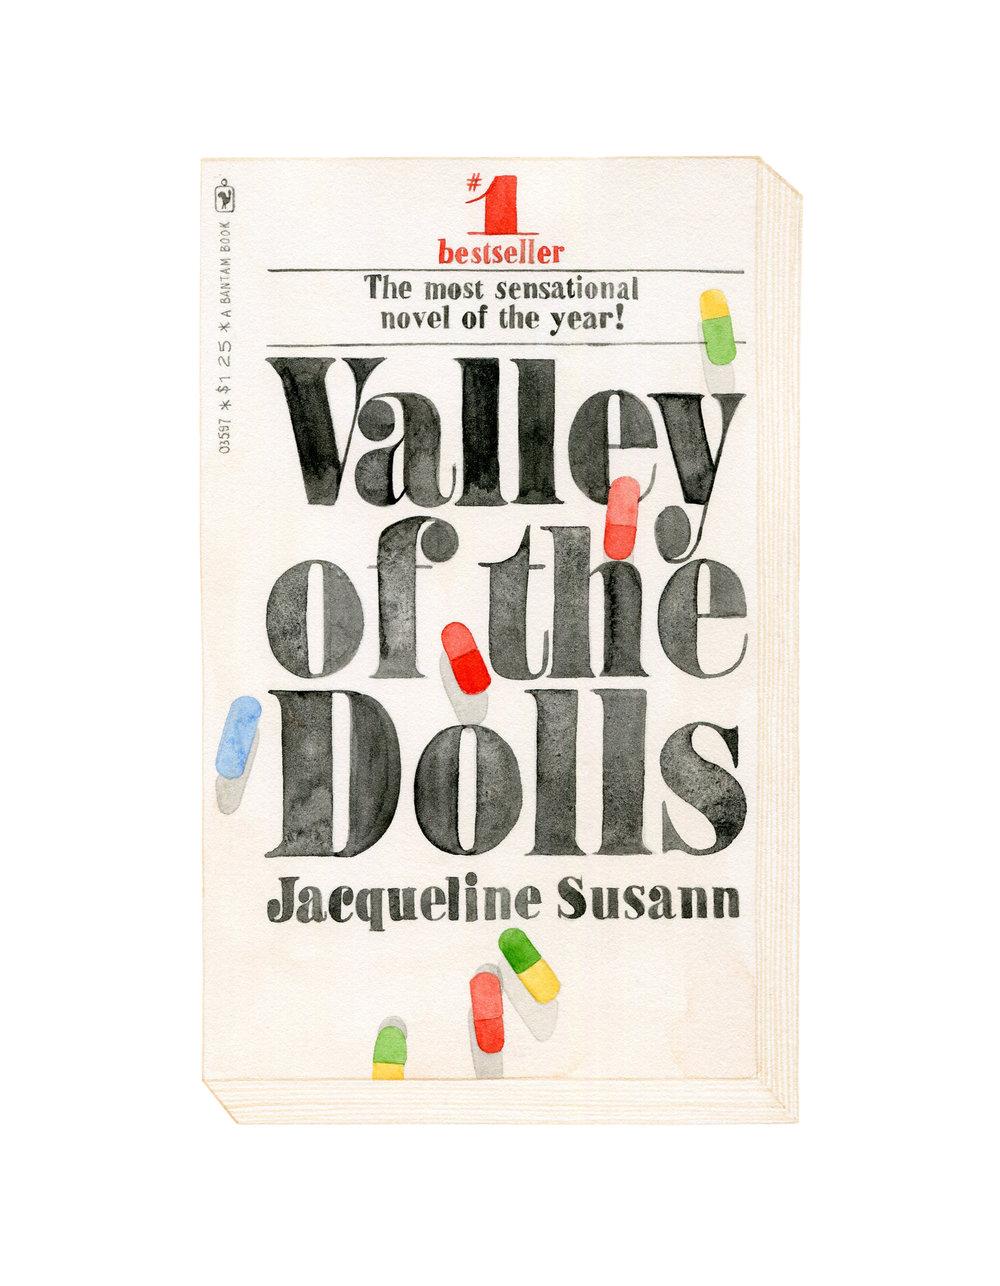 stephenson_vintagebooks_valleyofthedolls_2.jpg